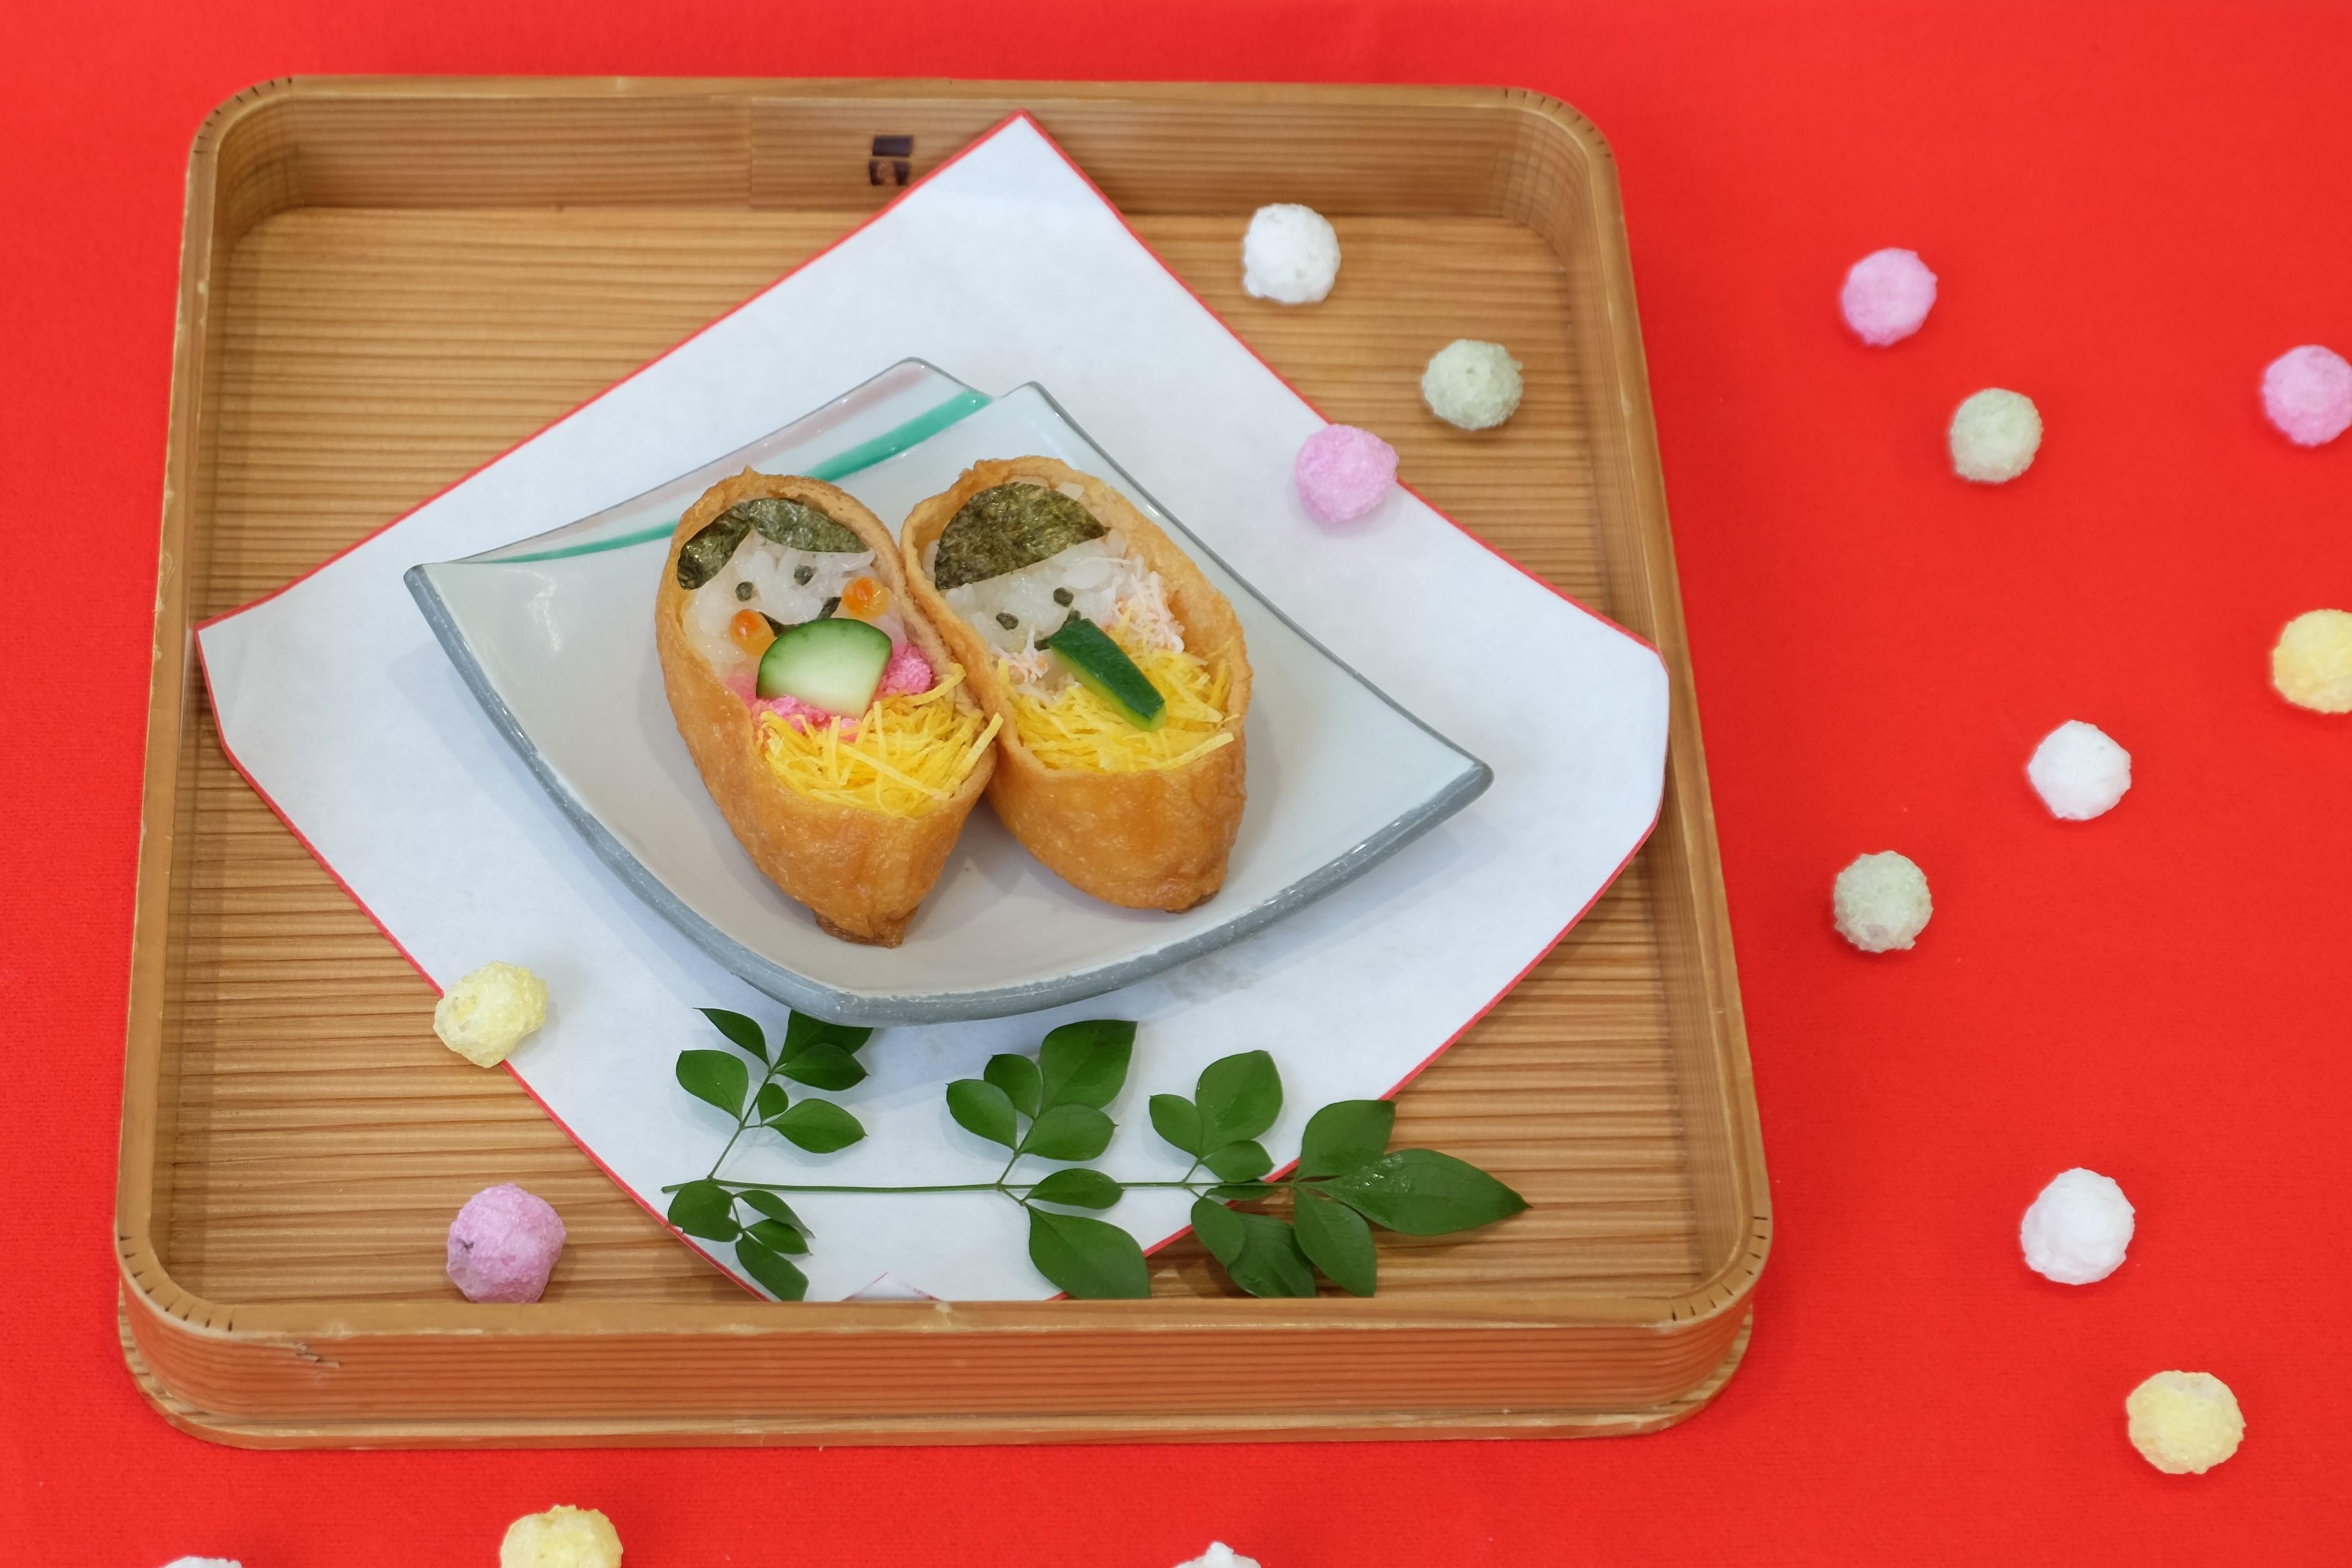 瓢喜,ひな祭り,お雛様,稲荷寿司,お稲荷さん